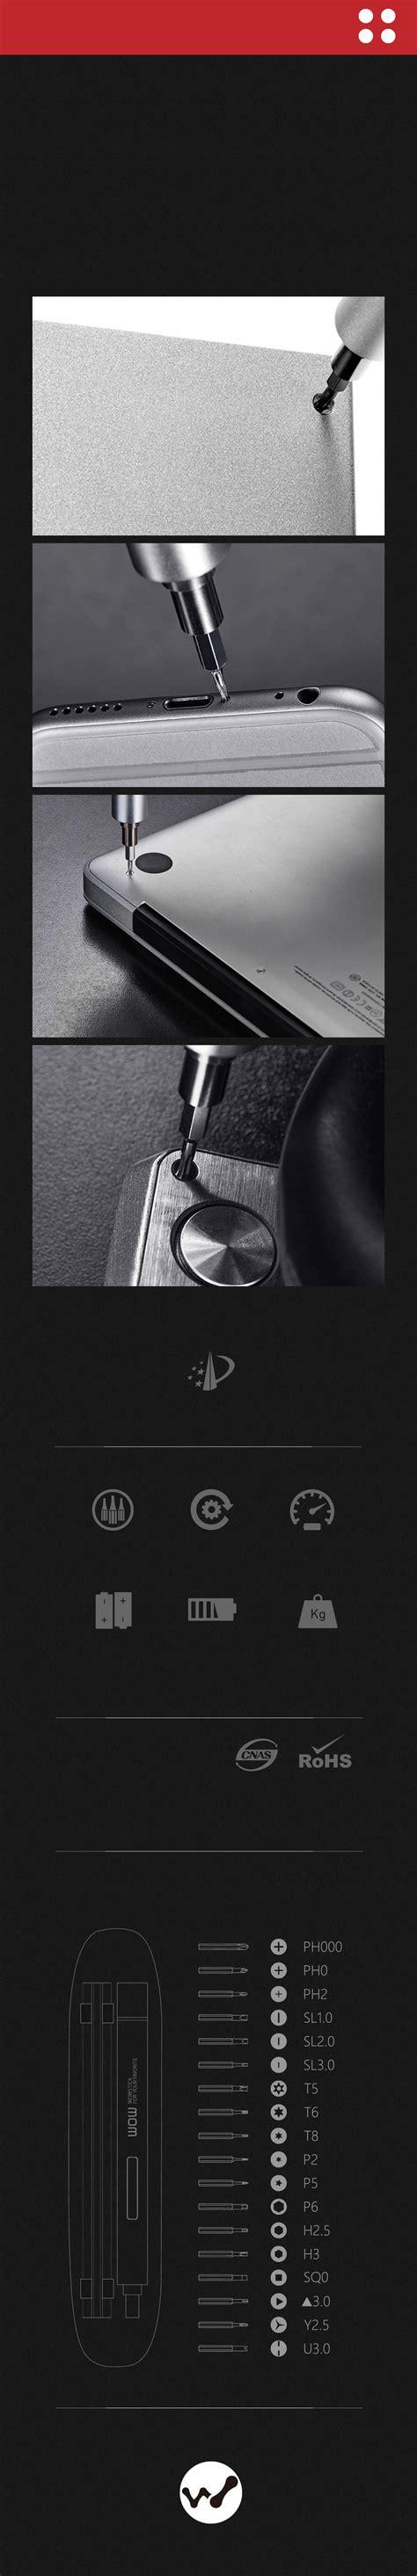 Original Xiaomi Wowstick 1fs Electric Driver xiaomi wowstick 1fs 19 in 1 electric driver cordless power screwdriver ebay